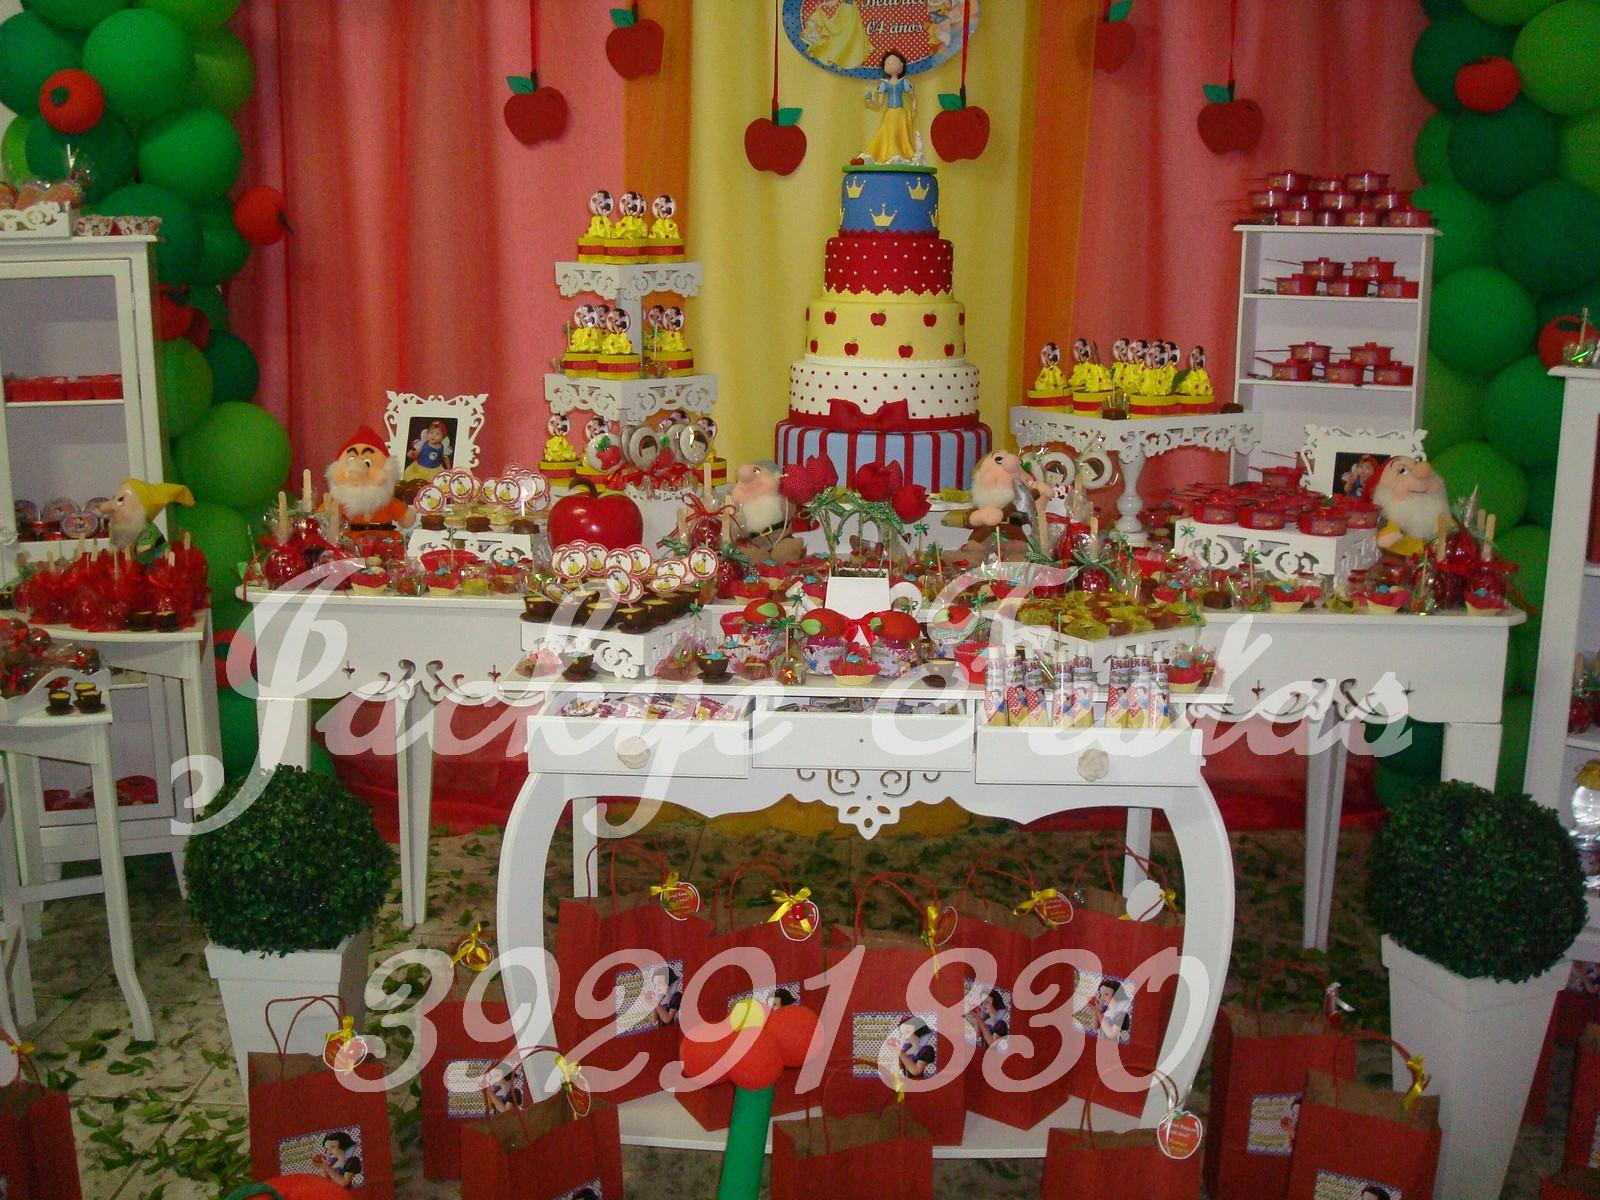 decoracao festa branca de neve provencal:Provencal Branca De Neve Decoracao Festa Provencal Branca De Neve